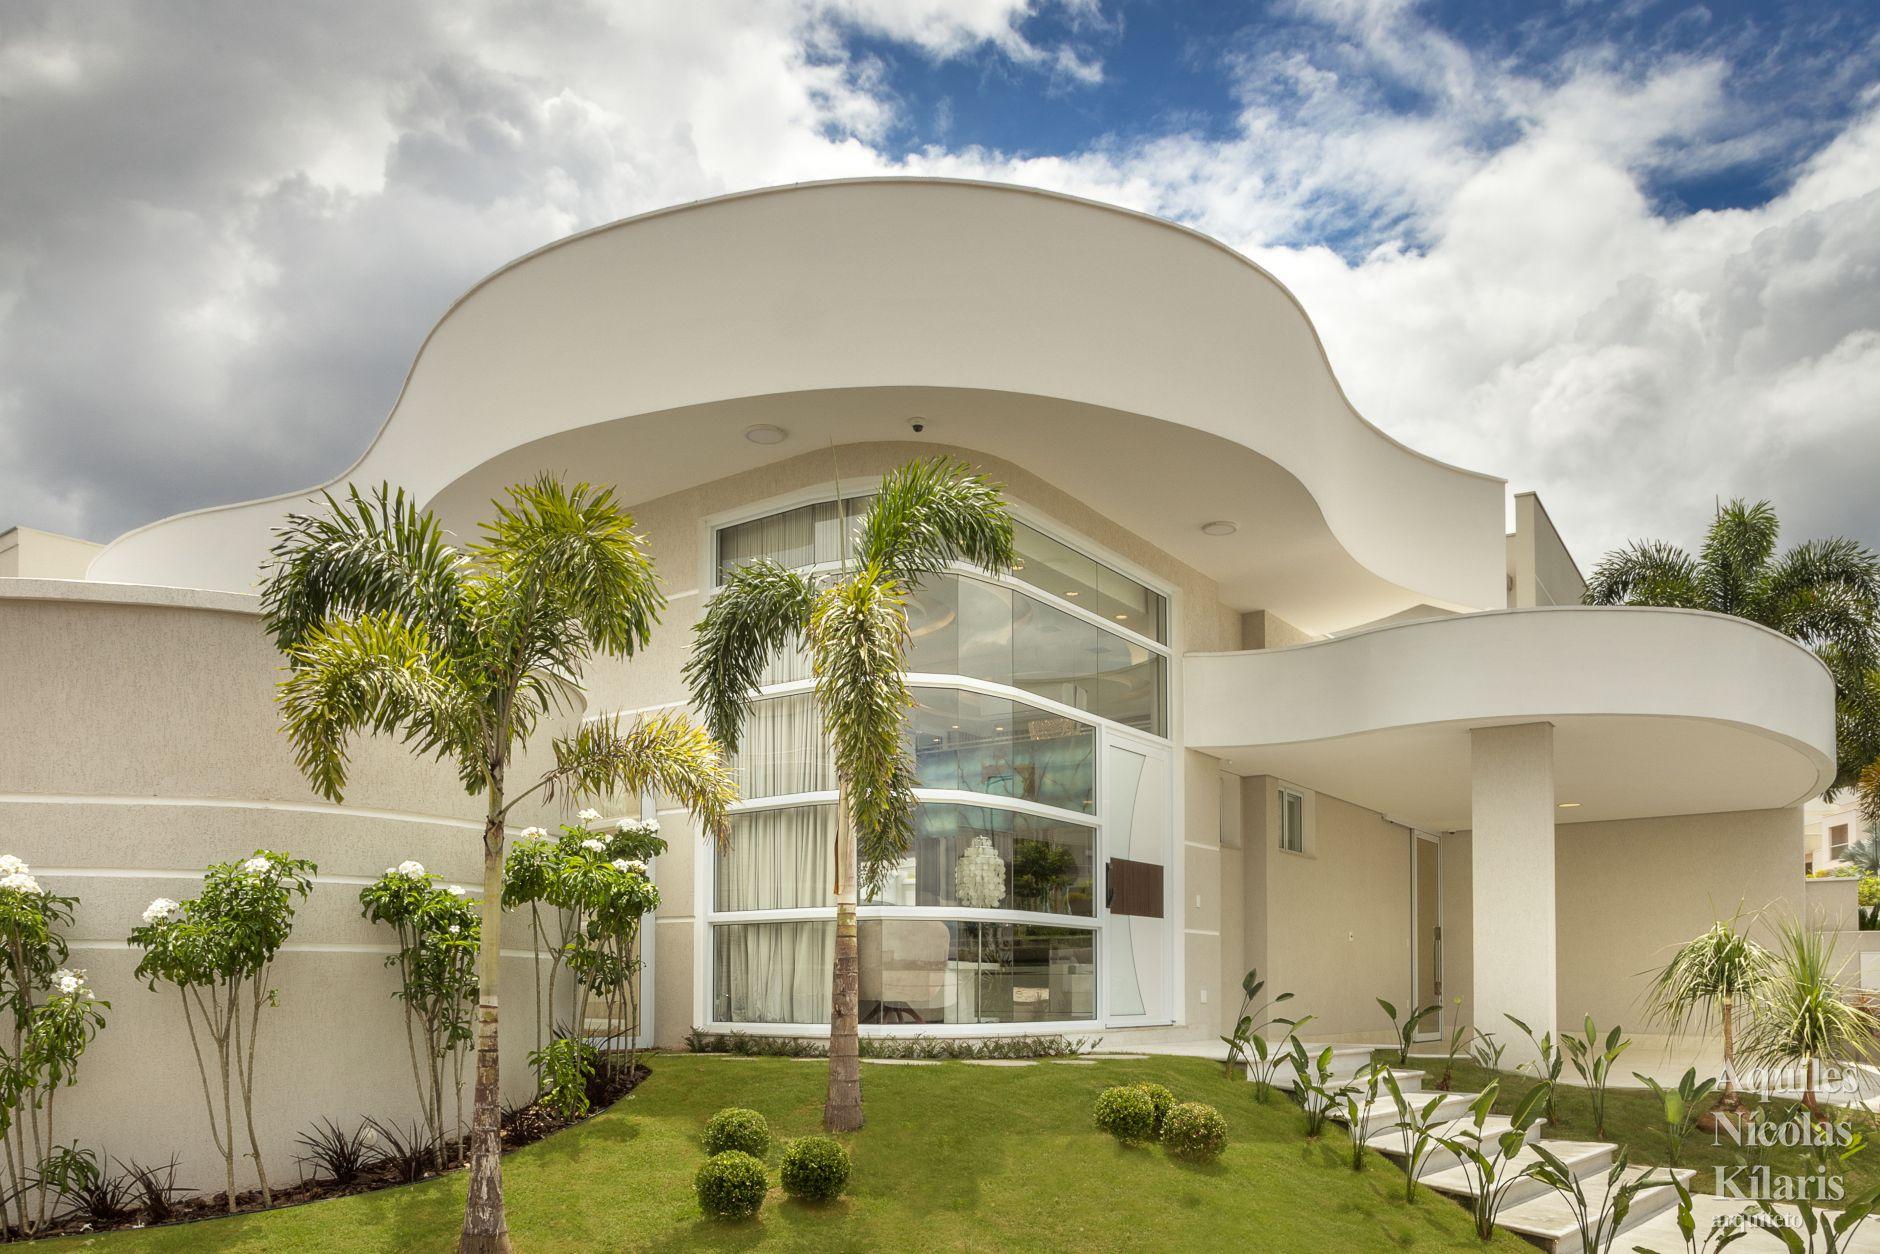 Arquiteto - Aquiles Nícolas Kílaris - Projetos Residenciais - Casa Ipê